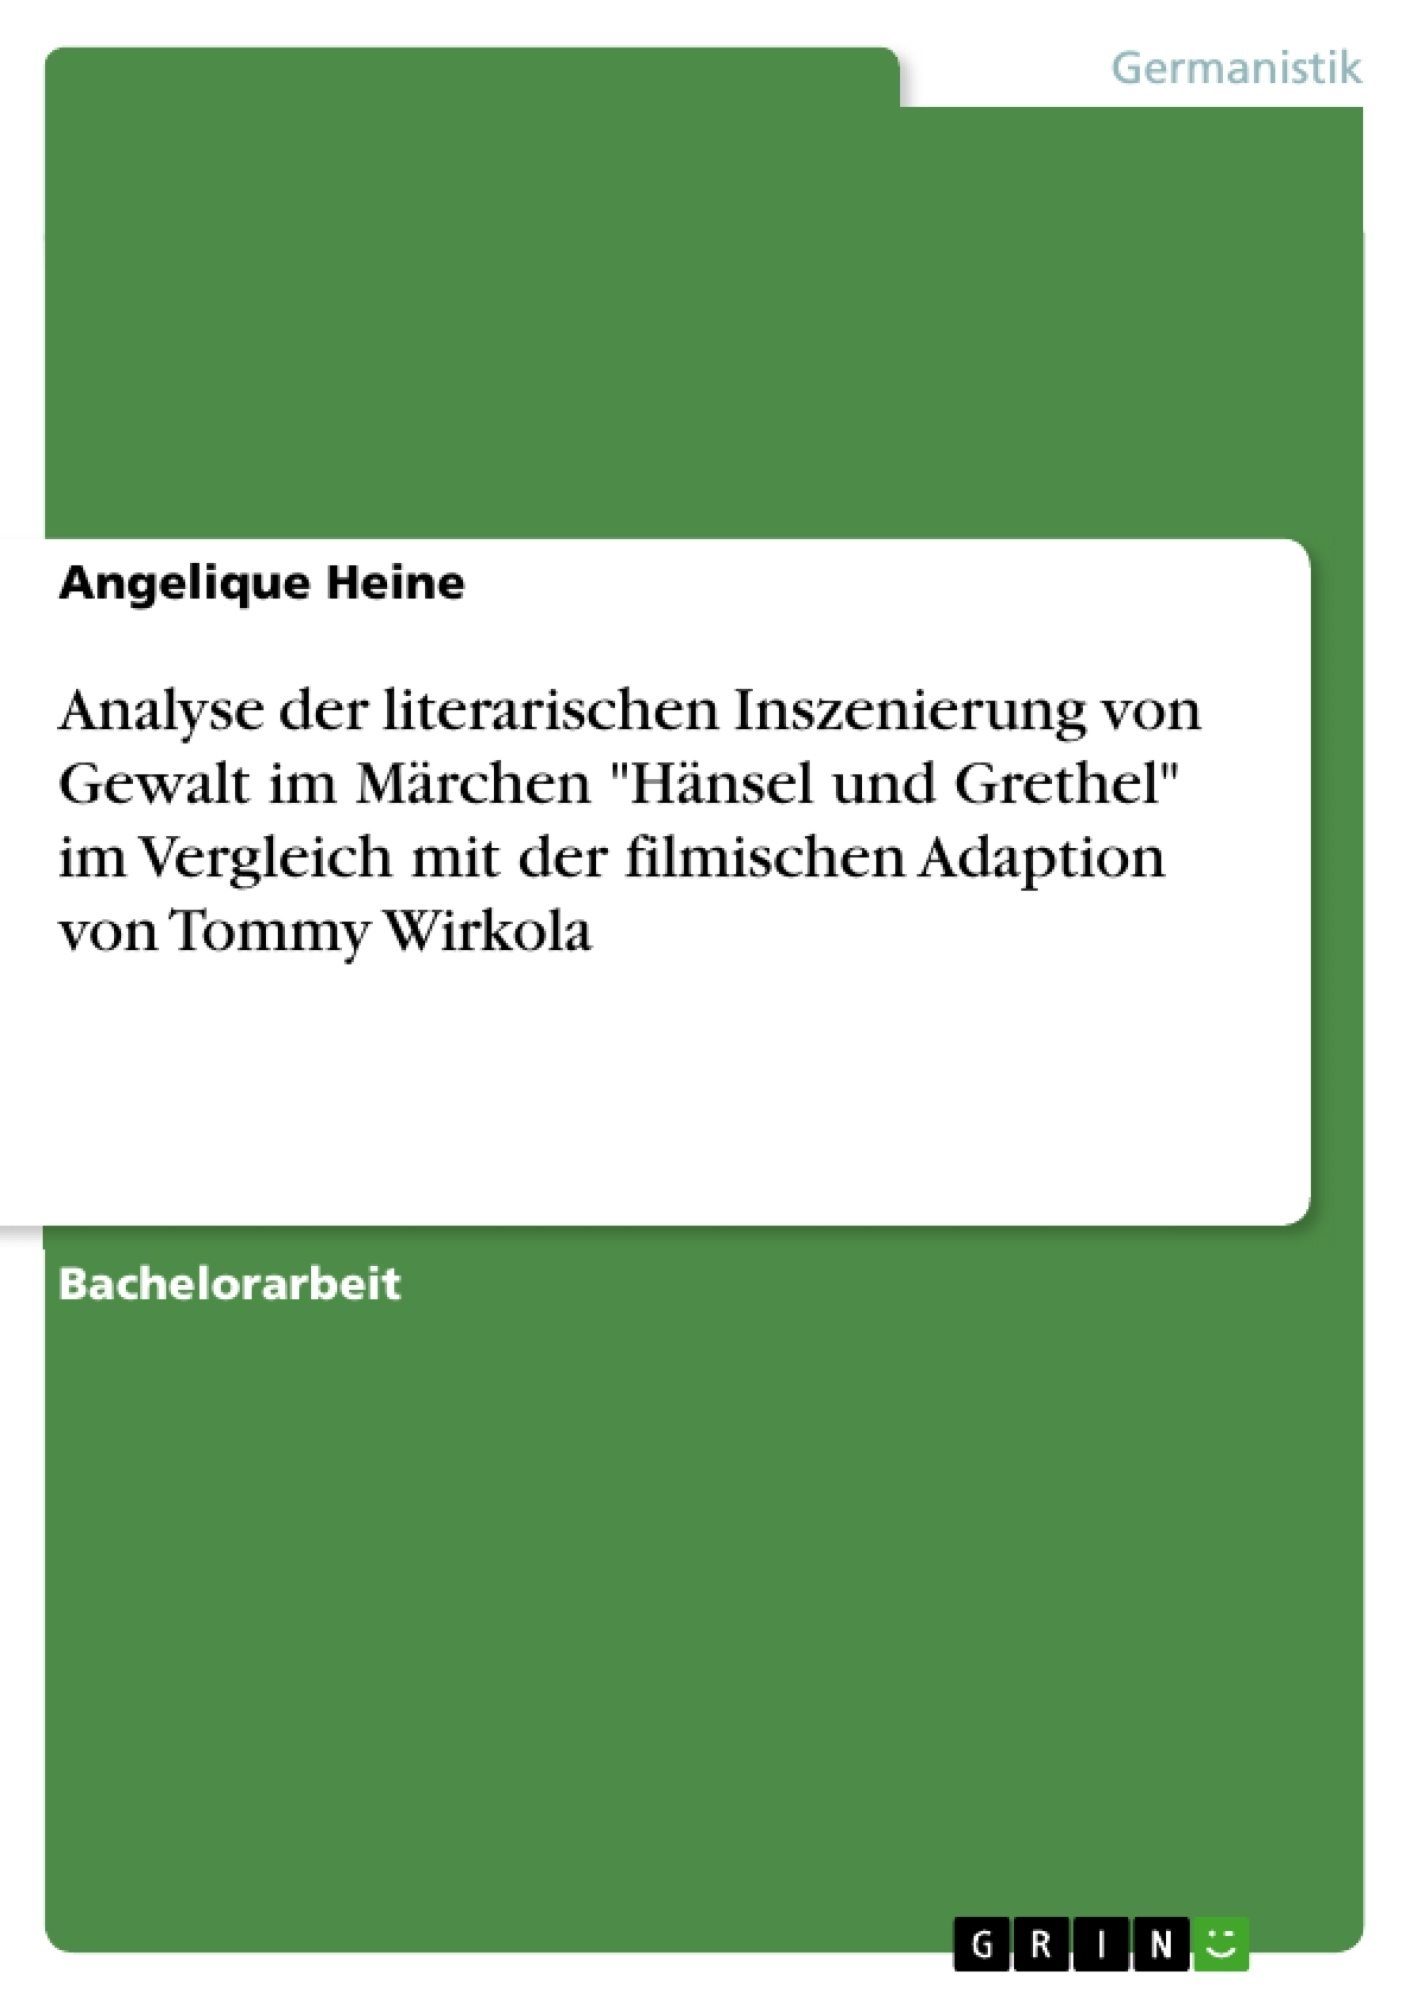 """Titel: Analyse der literarischen Inszenierung von Gewalt im Märchen """"Hänsel und Grethel"""" im Vergleich mit der filmischen Adaption von Tommy Wirkola"""